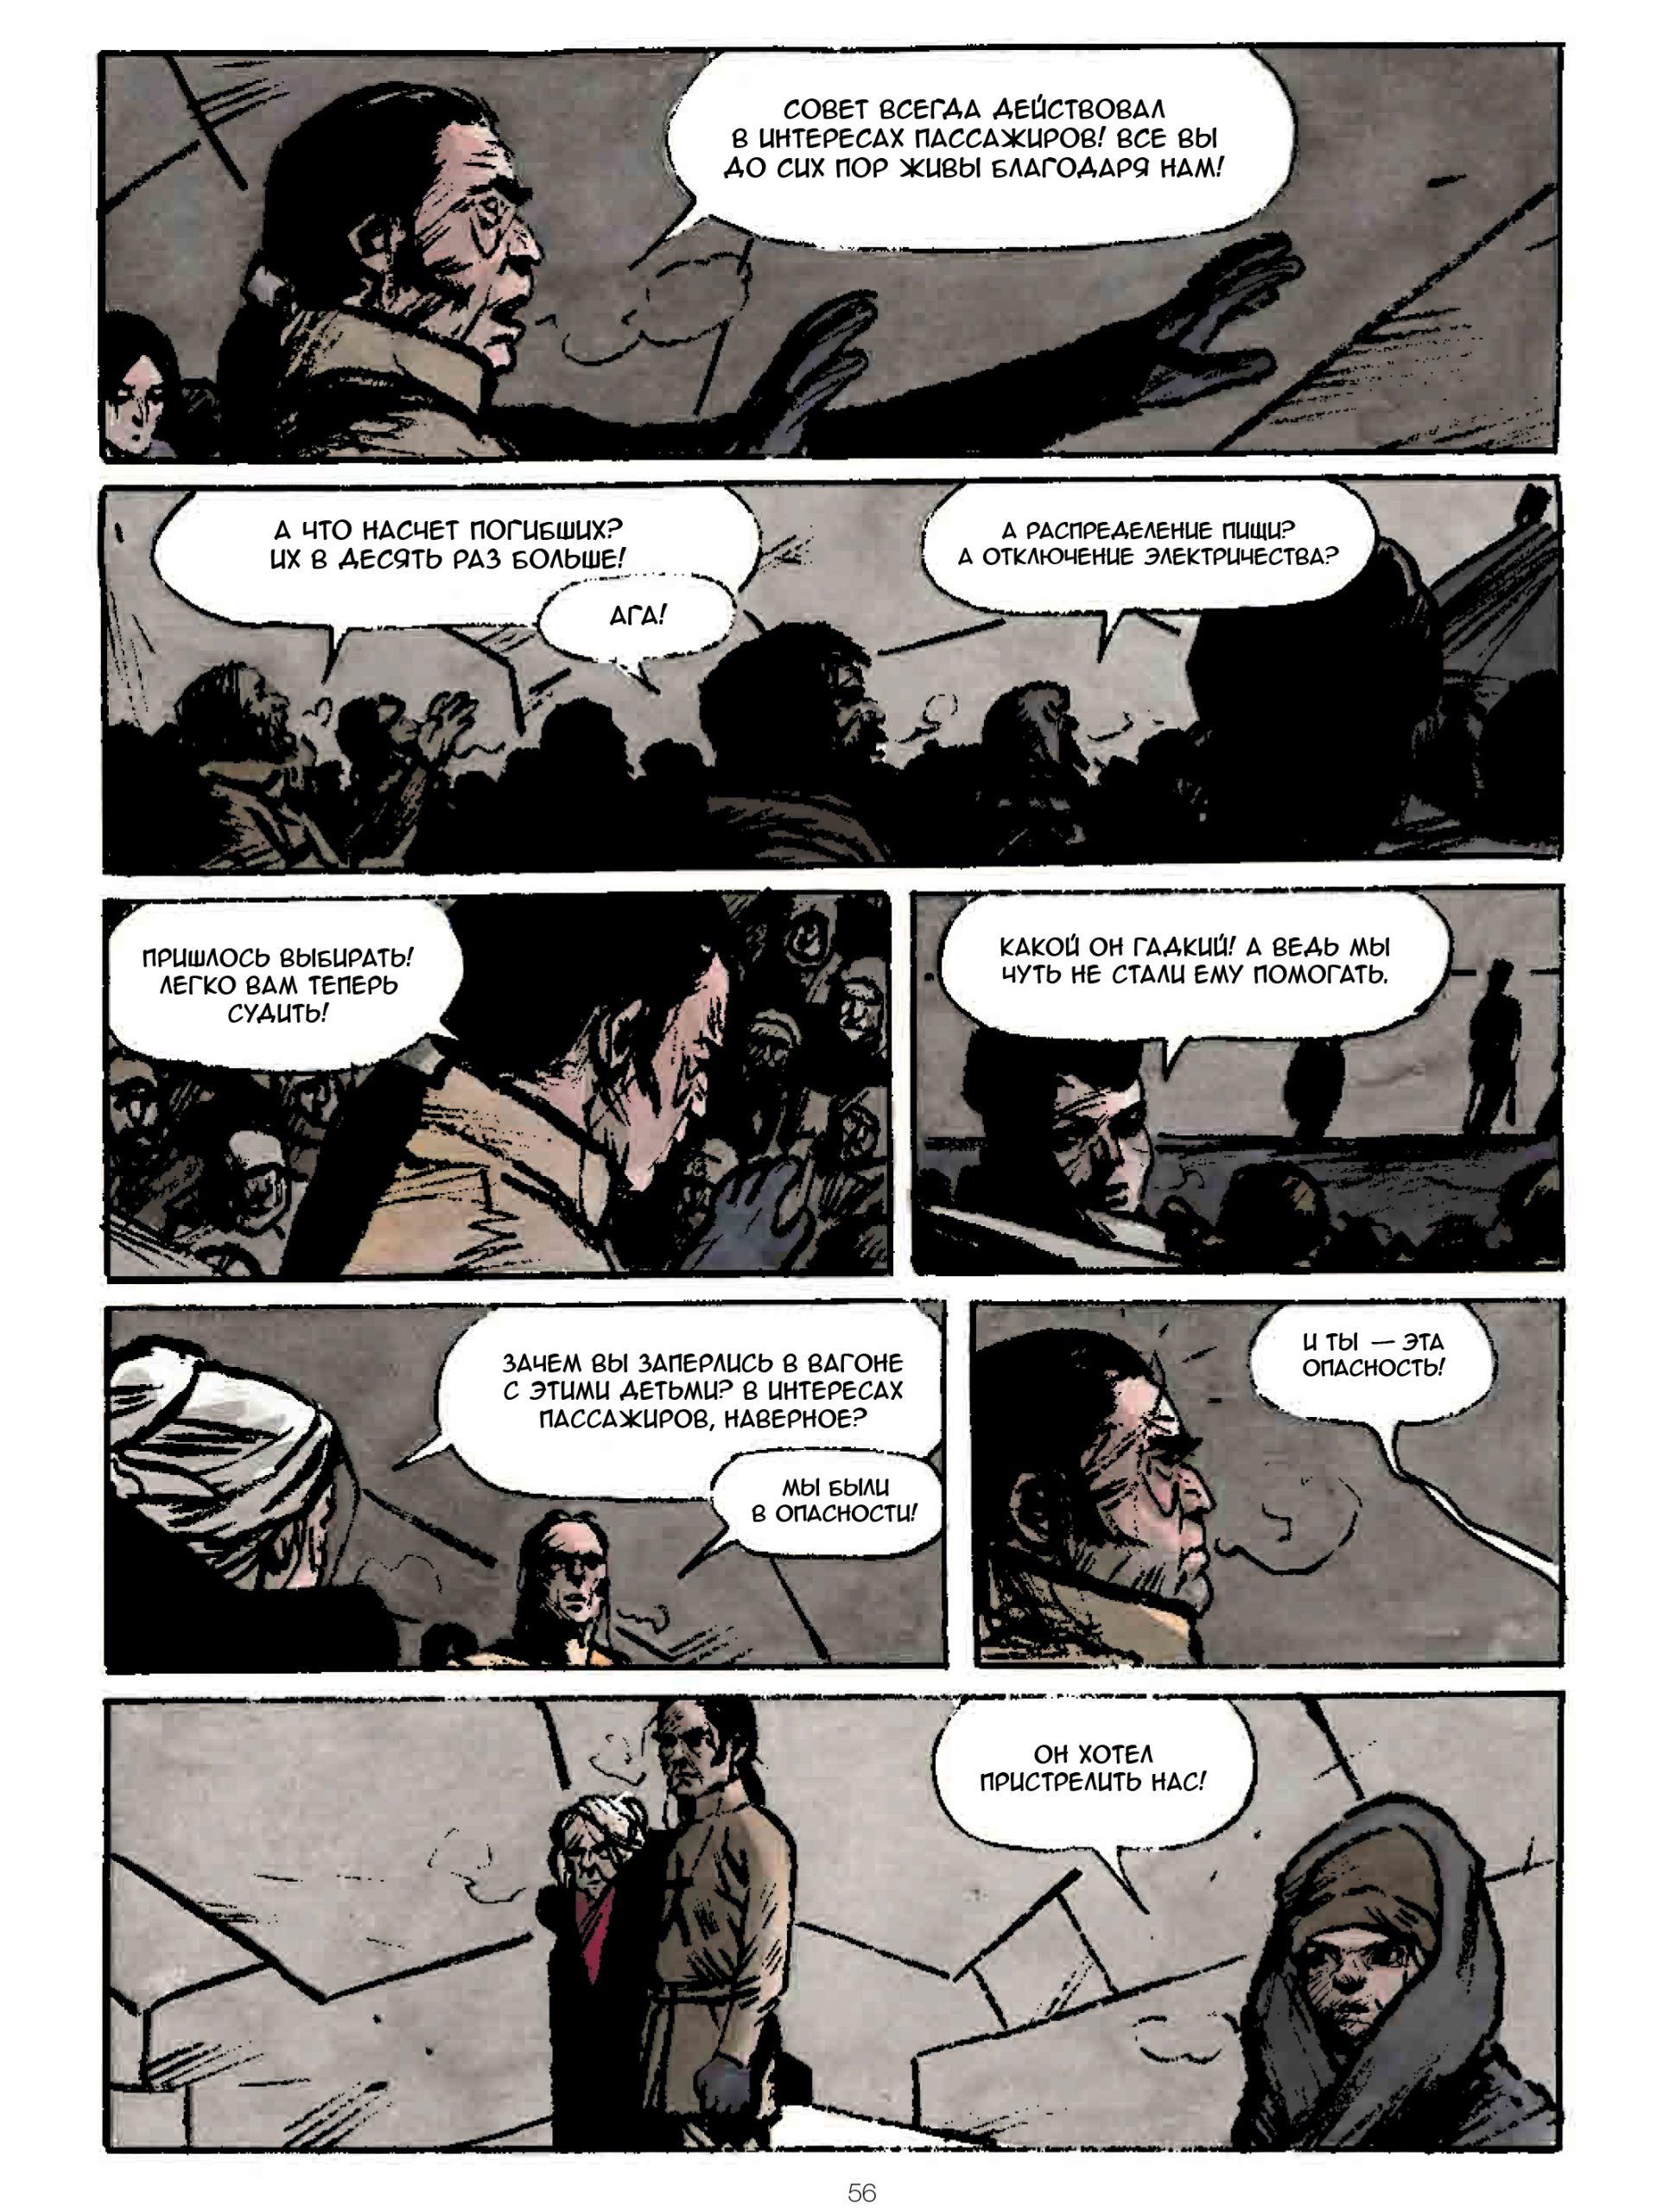 Читаем комикс «Сквозь снег: Конечная станция» 13